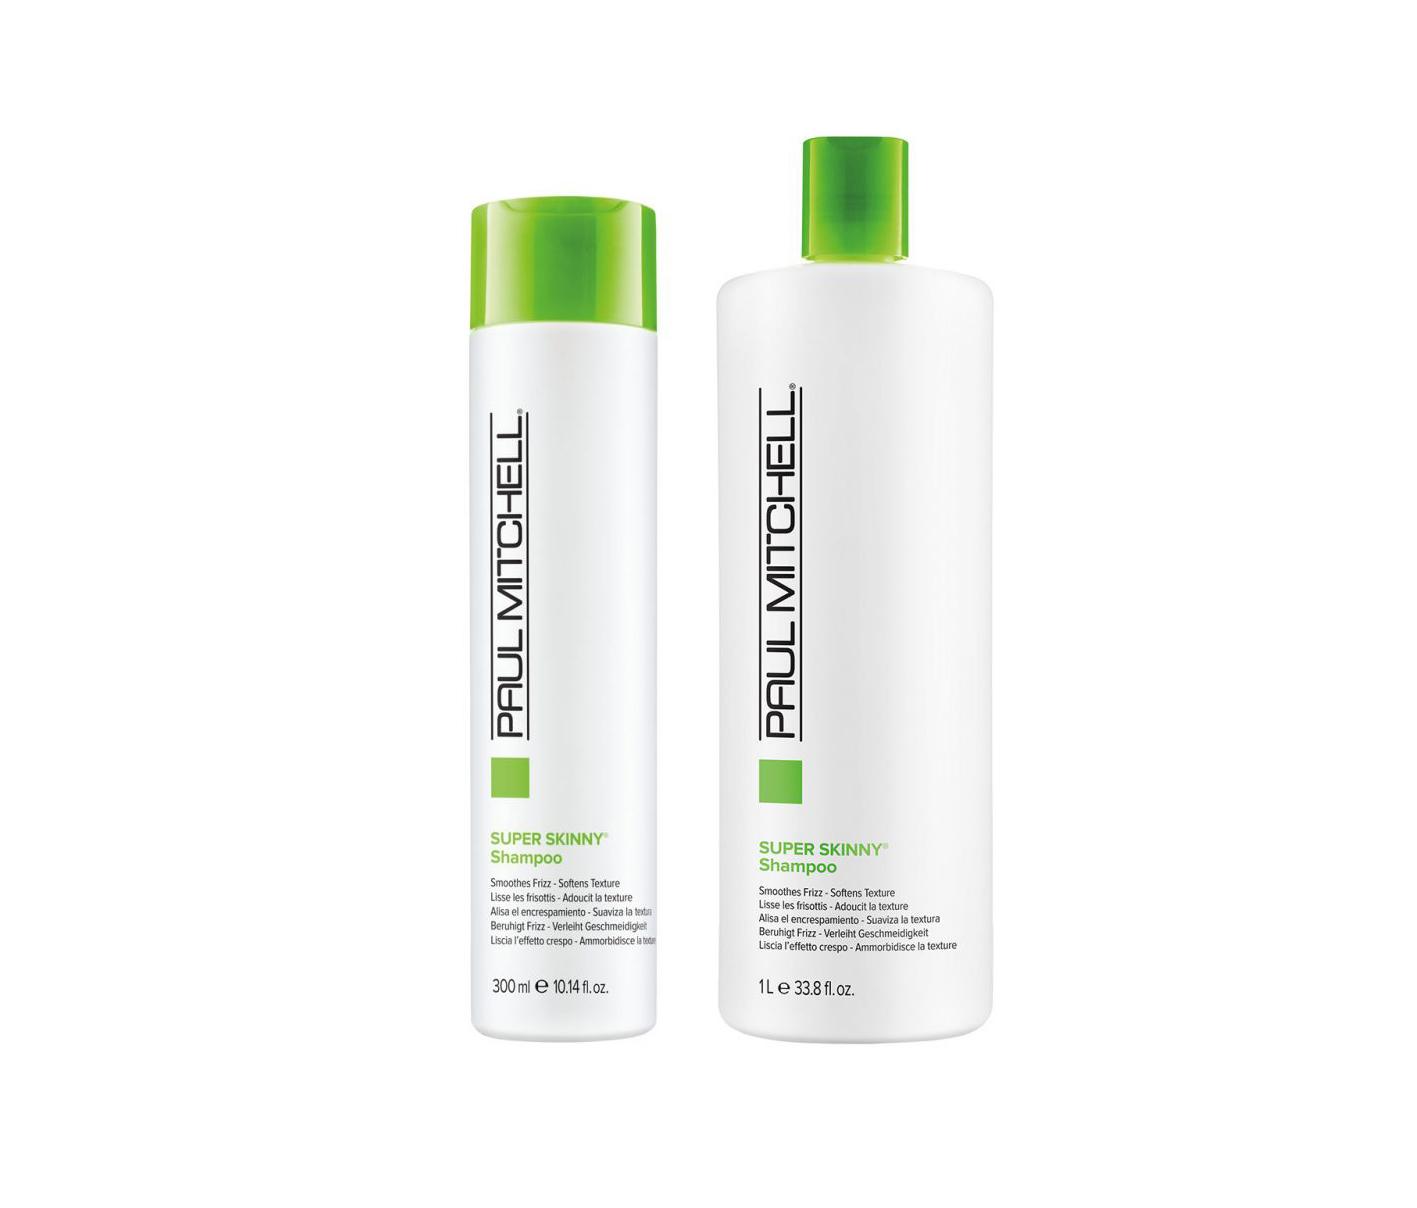 Paul Mitchell Super Skinny Shampoo - uhladzujúci šampón